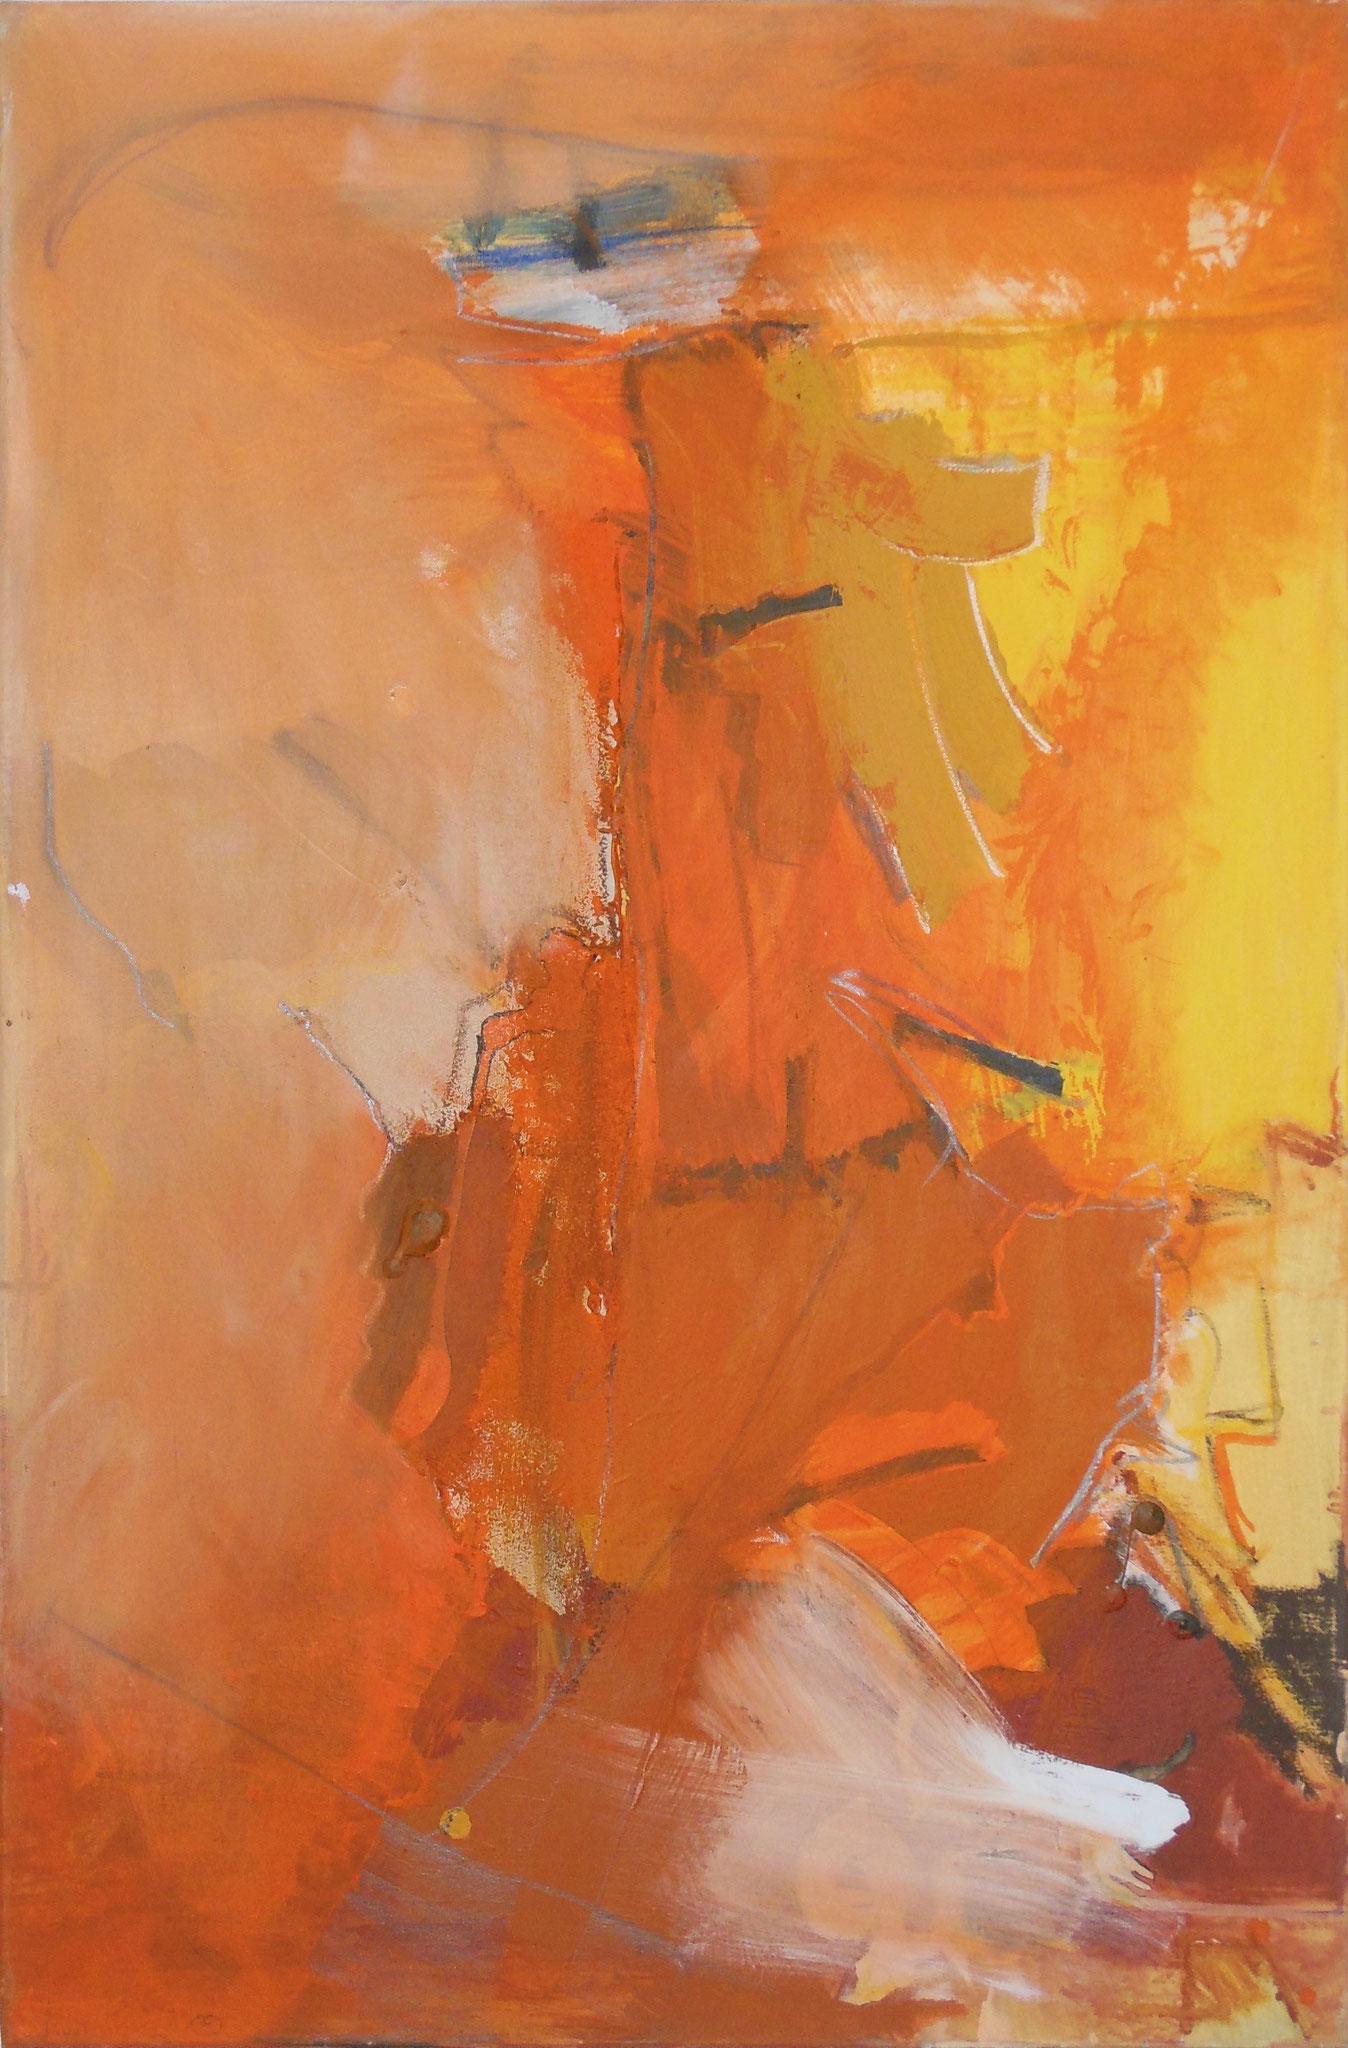 Sonne im Herzen, 2011, 80x120cm, Mischtechnik / Leinwand